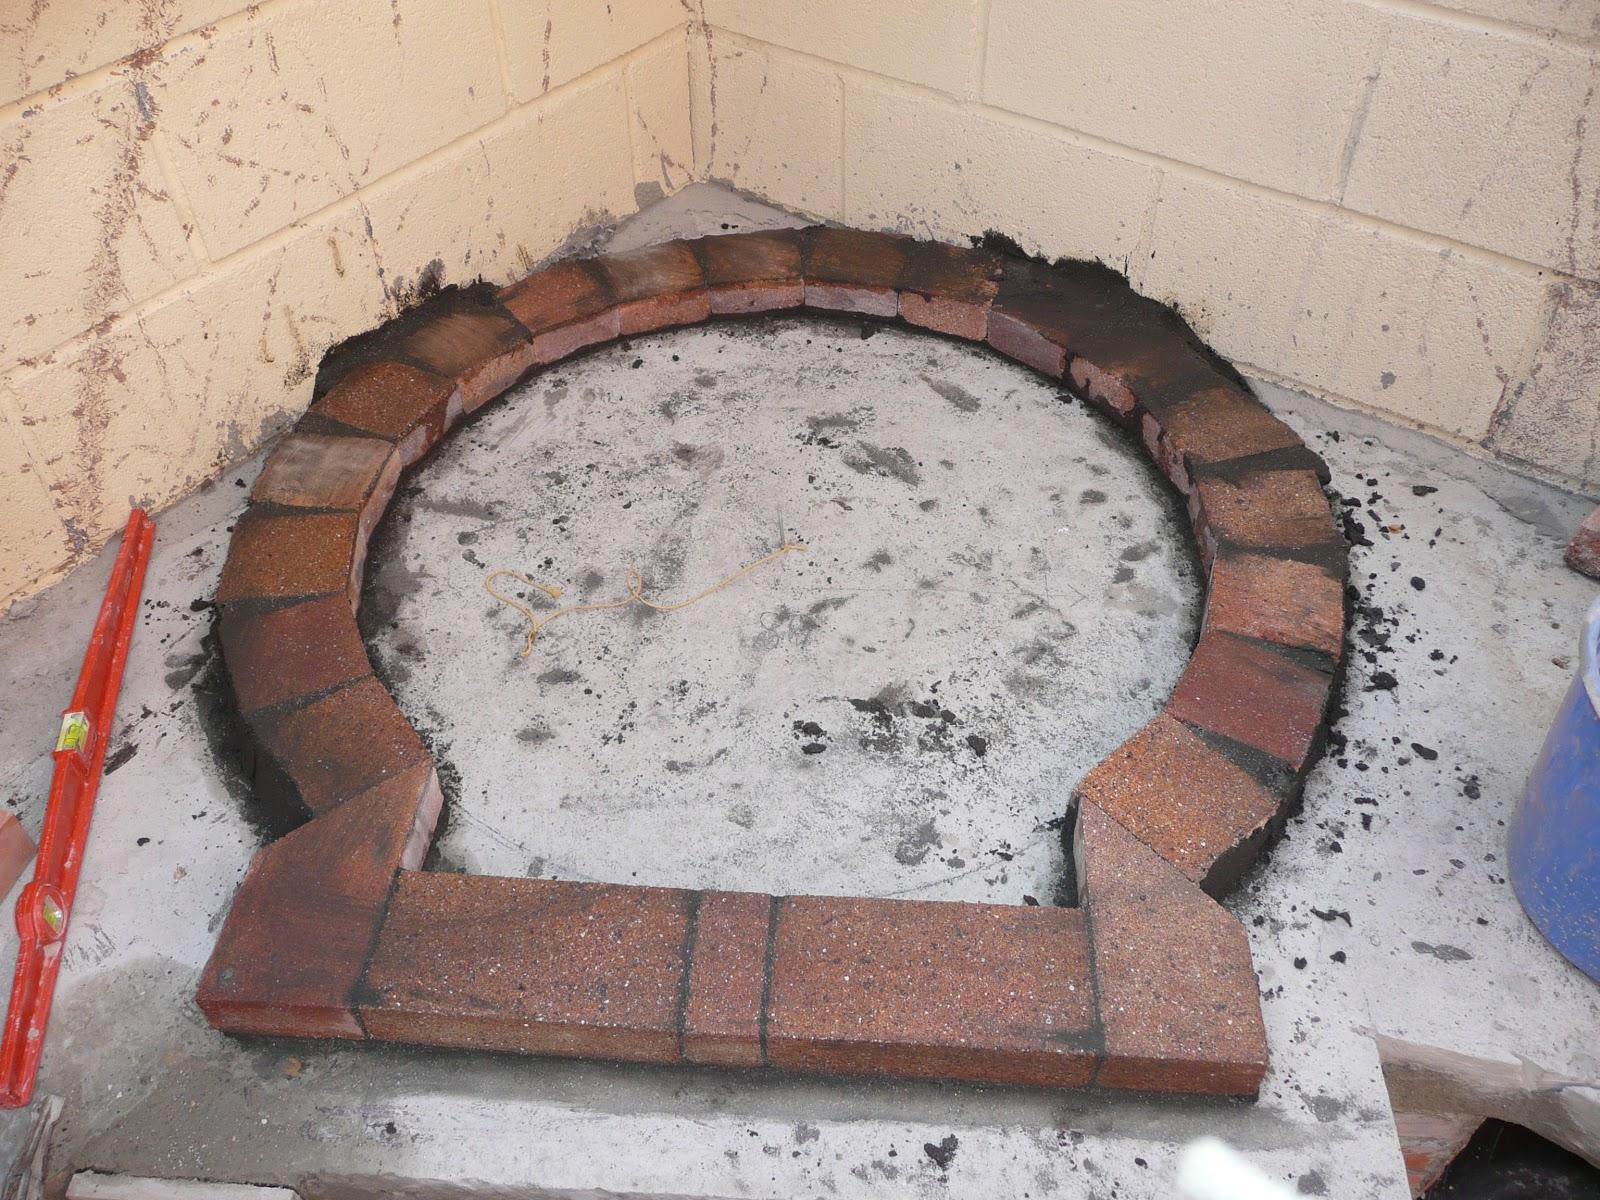 Recetas f ciles de josean mg replanteo del horno con fotos - Medidas hornos de lena ...